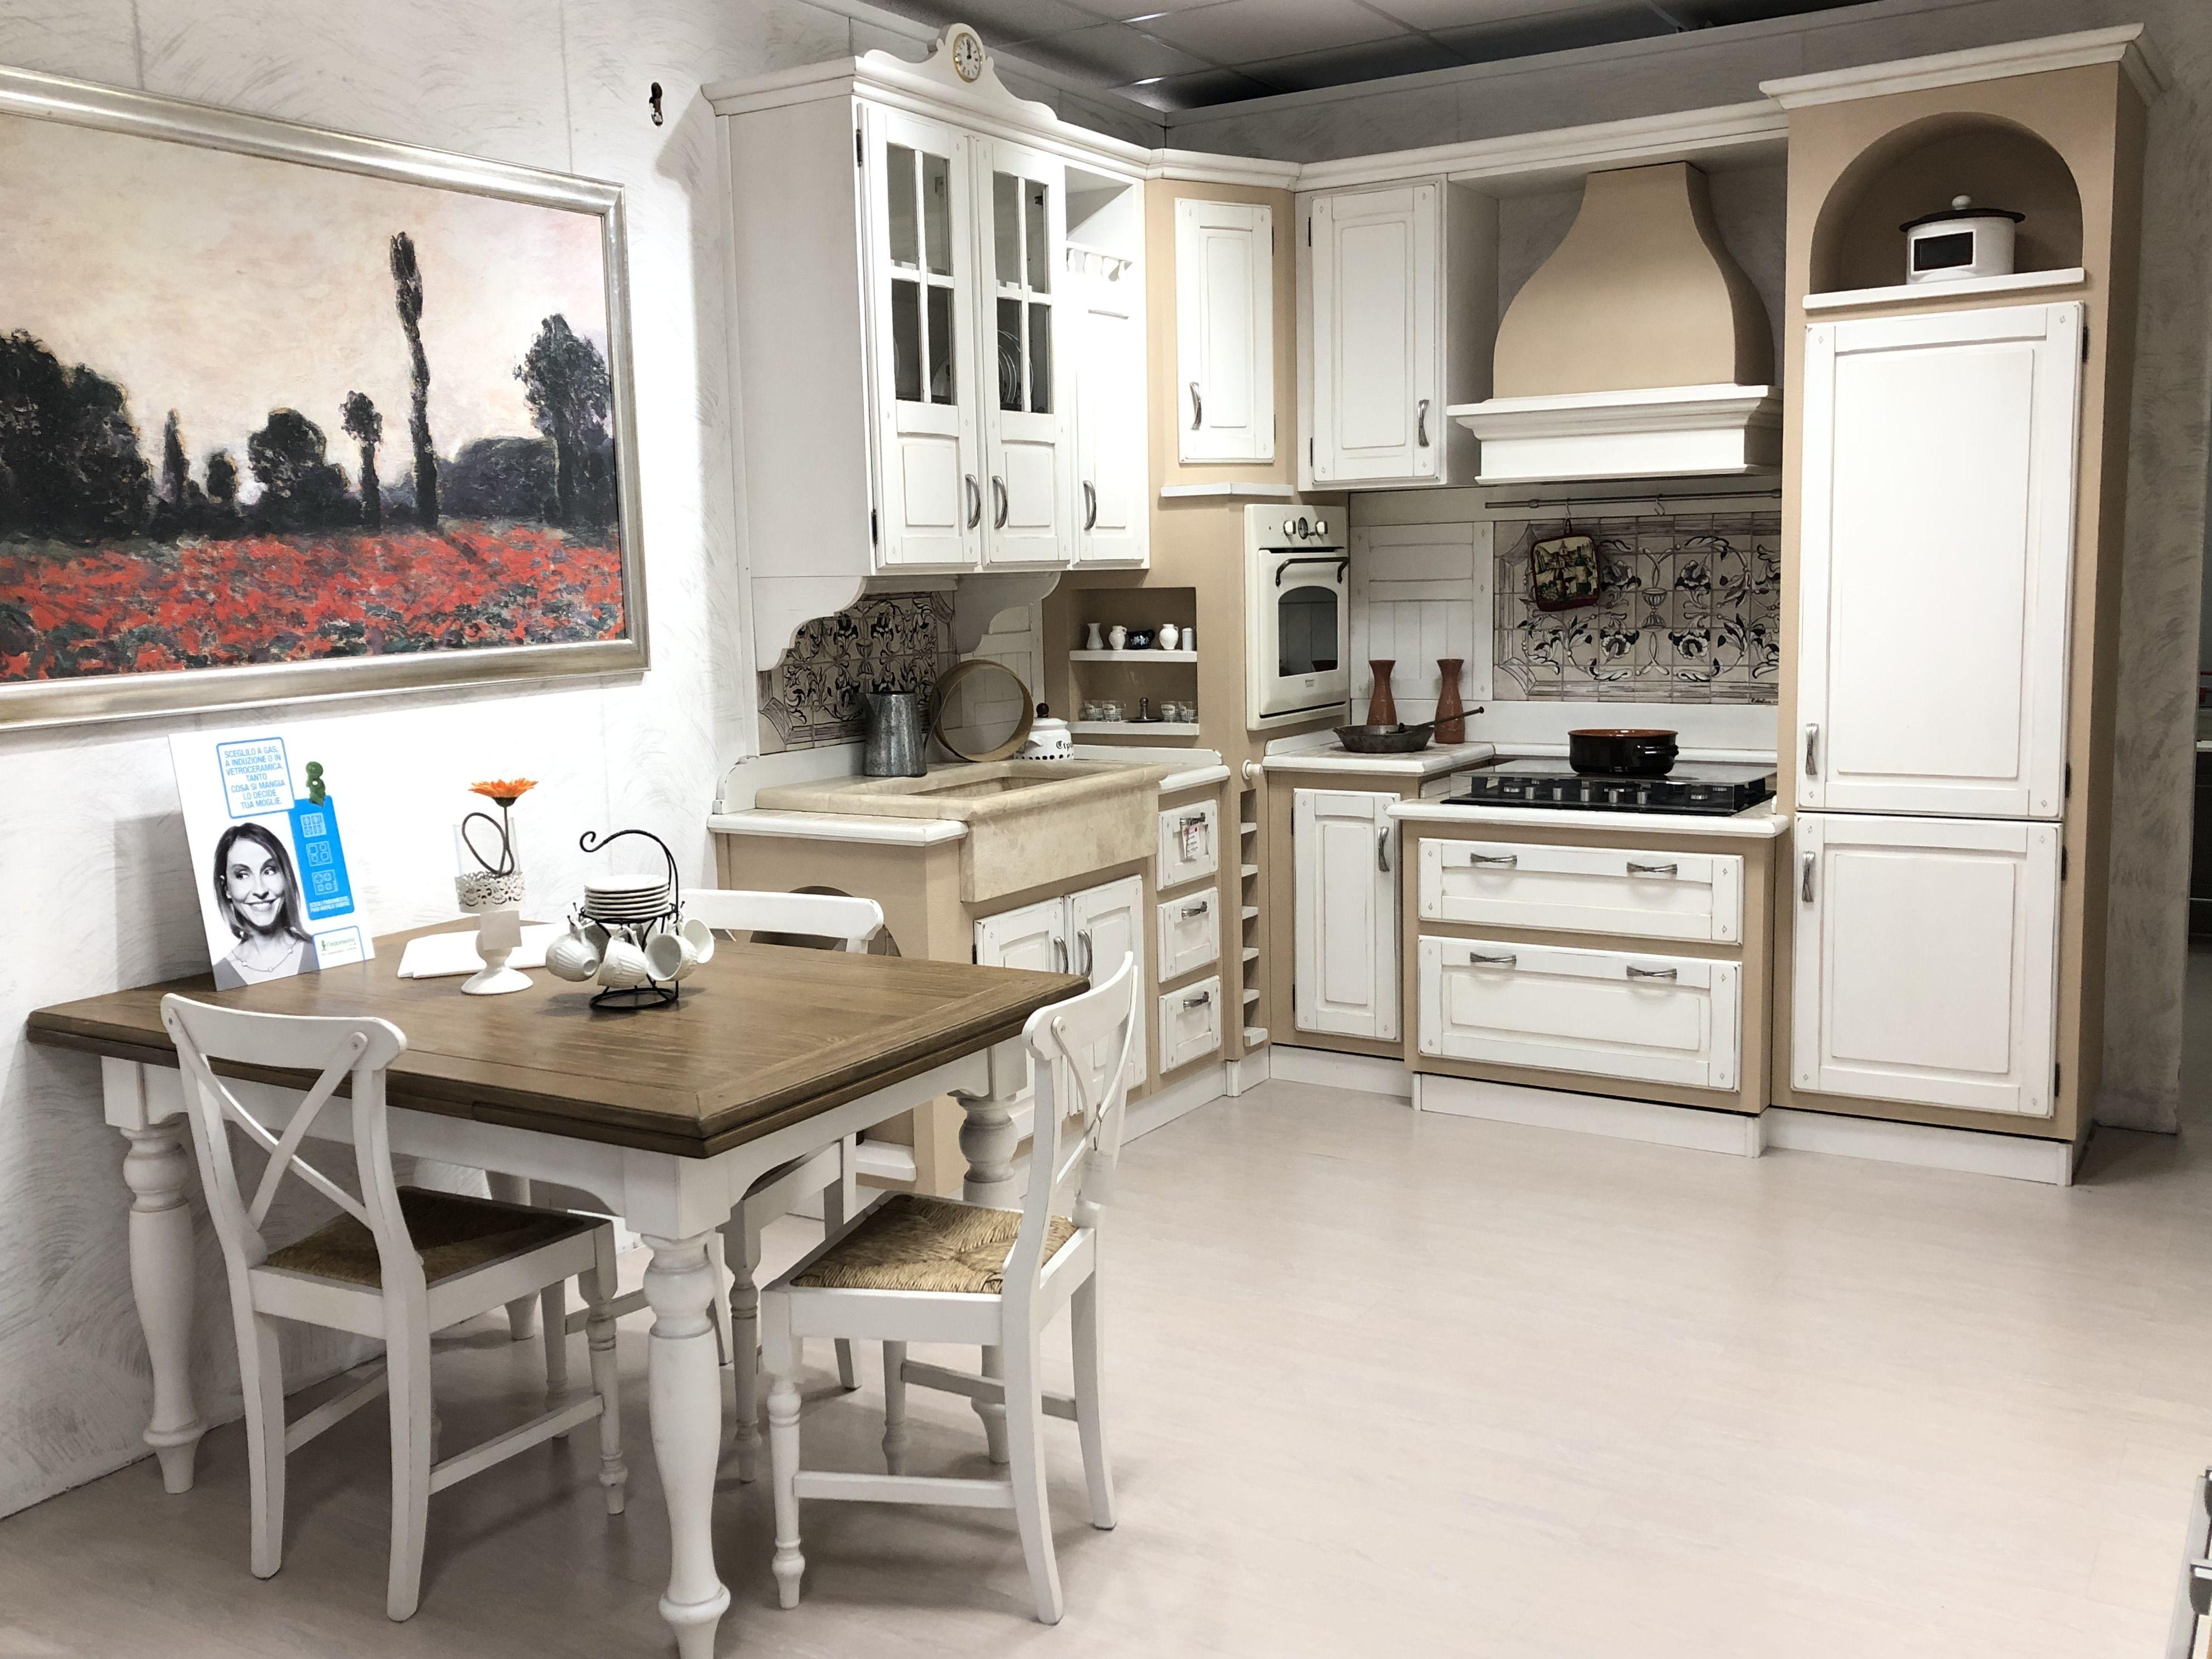 Cucina in finta muratura realizzata in legno massello di castagno cm ...